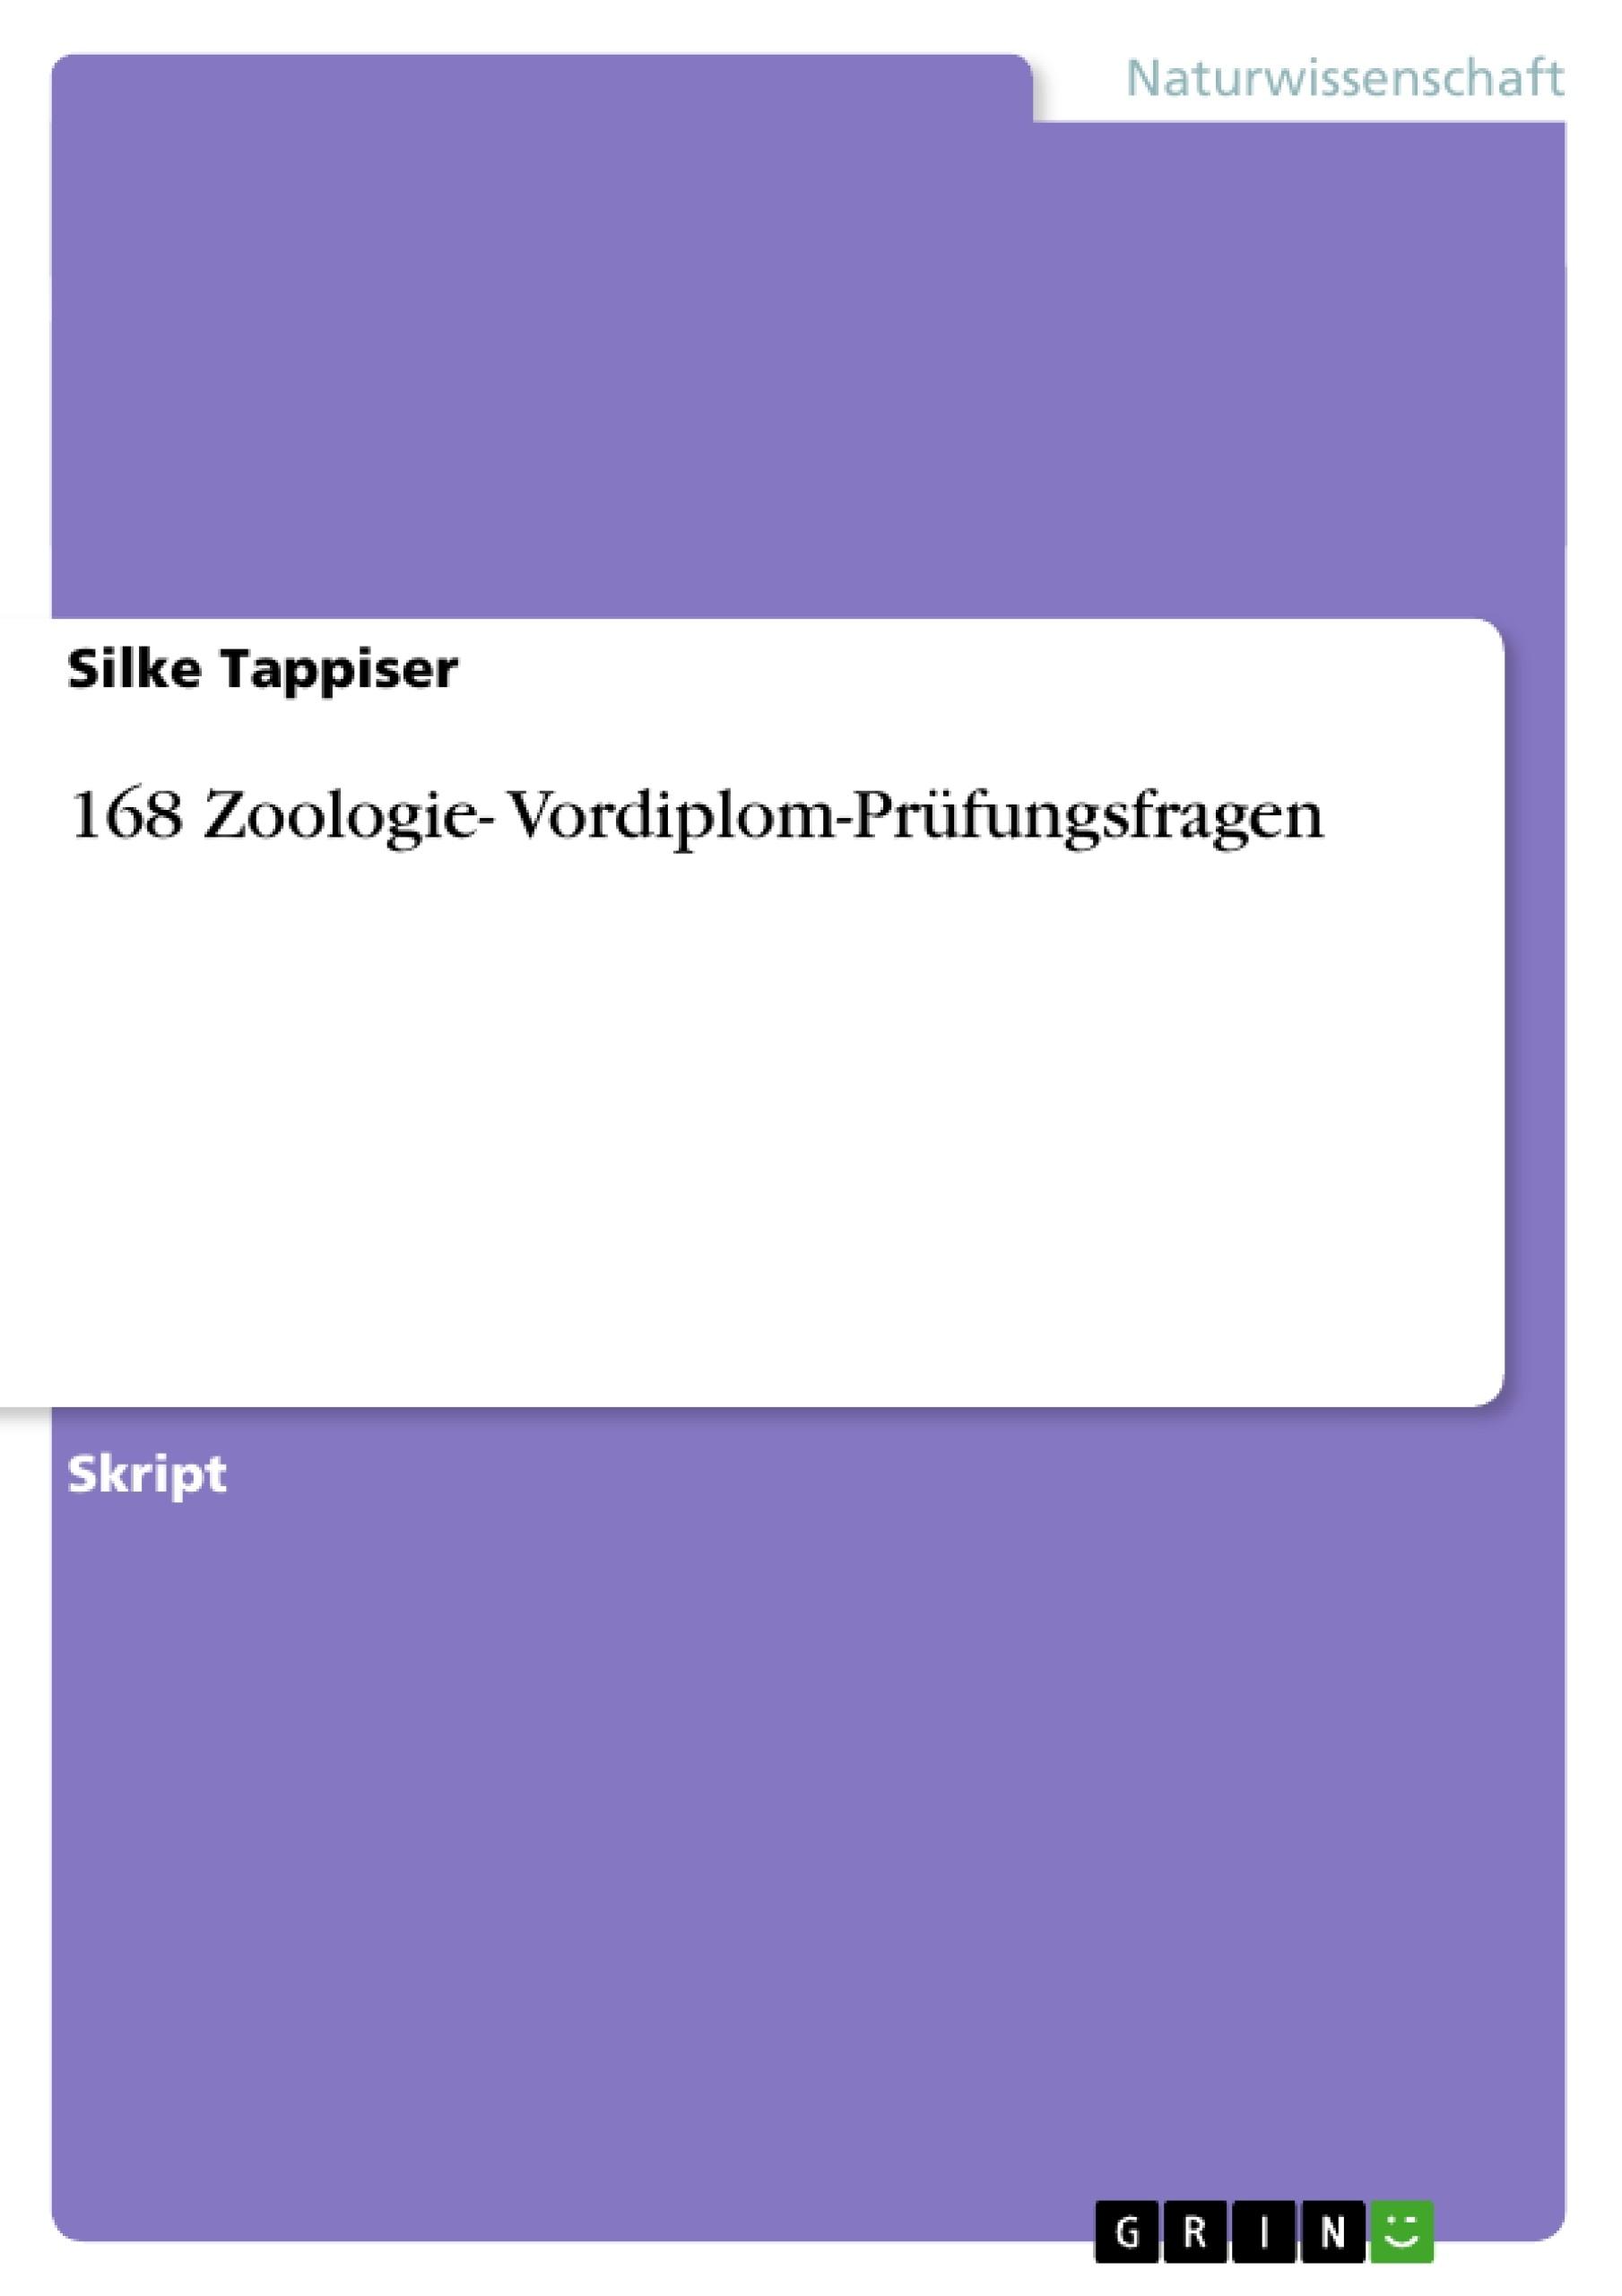 Titel: 168 Zoologie- Vordiplom-Prüfungsfragen